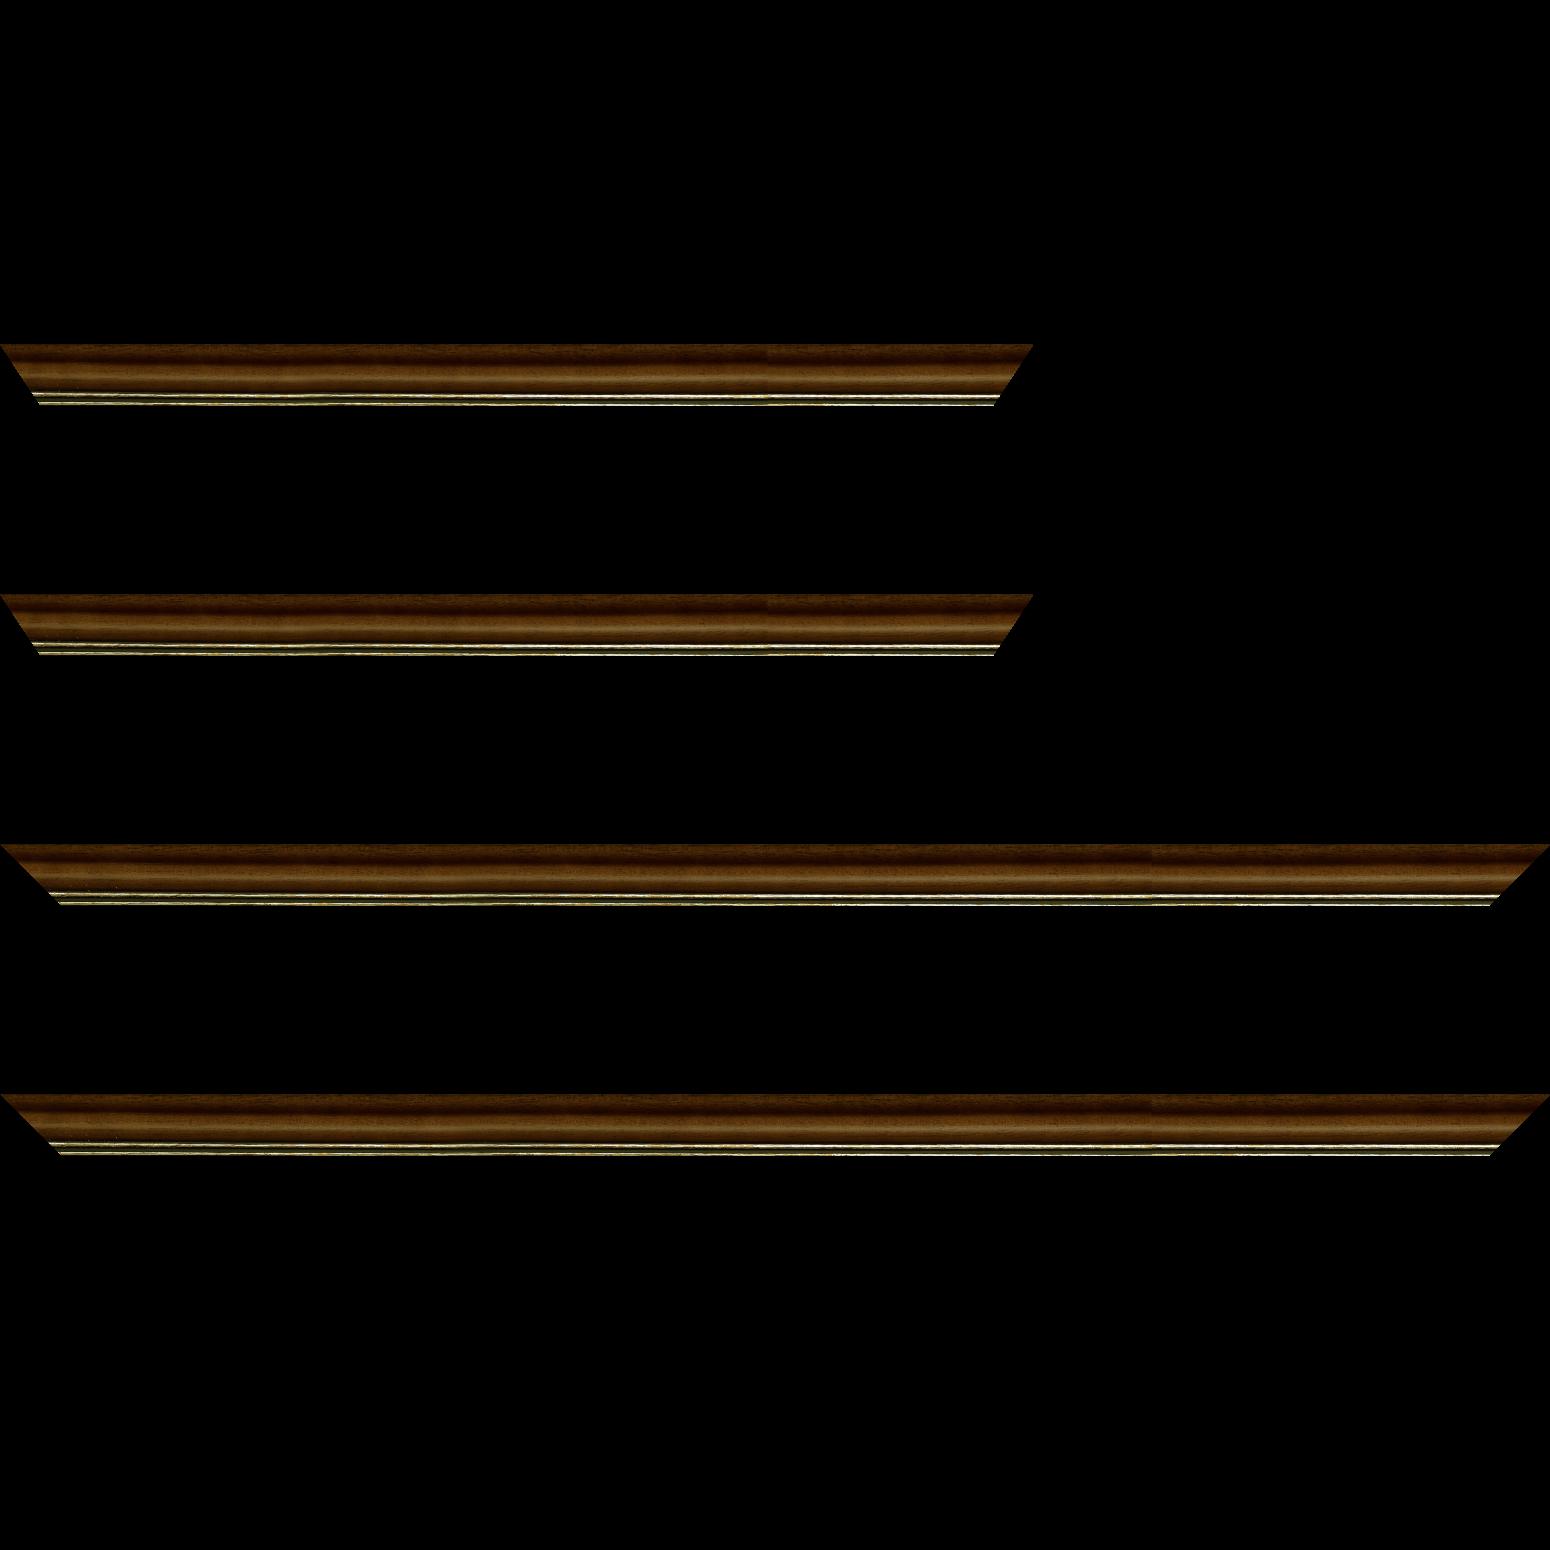 Baguette service précoupé Bois profil doucine inversée largeur 2.3cm marron satiné double filet or